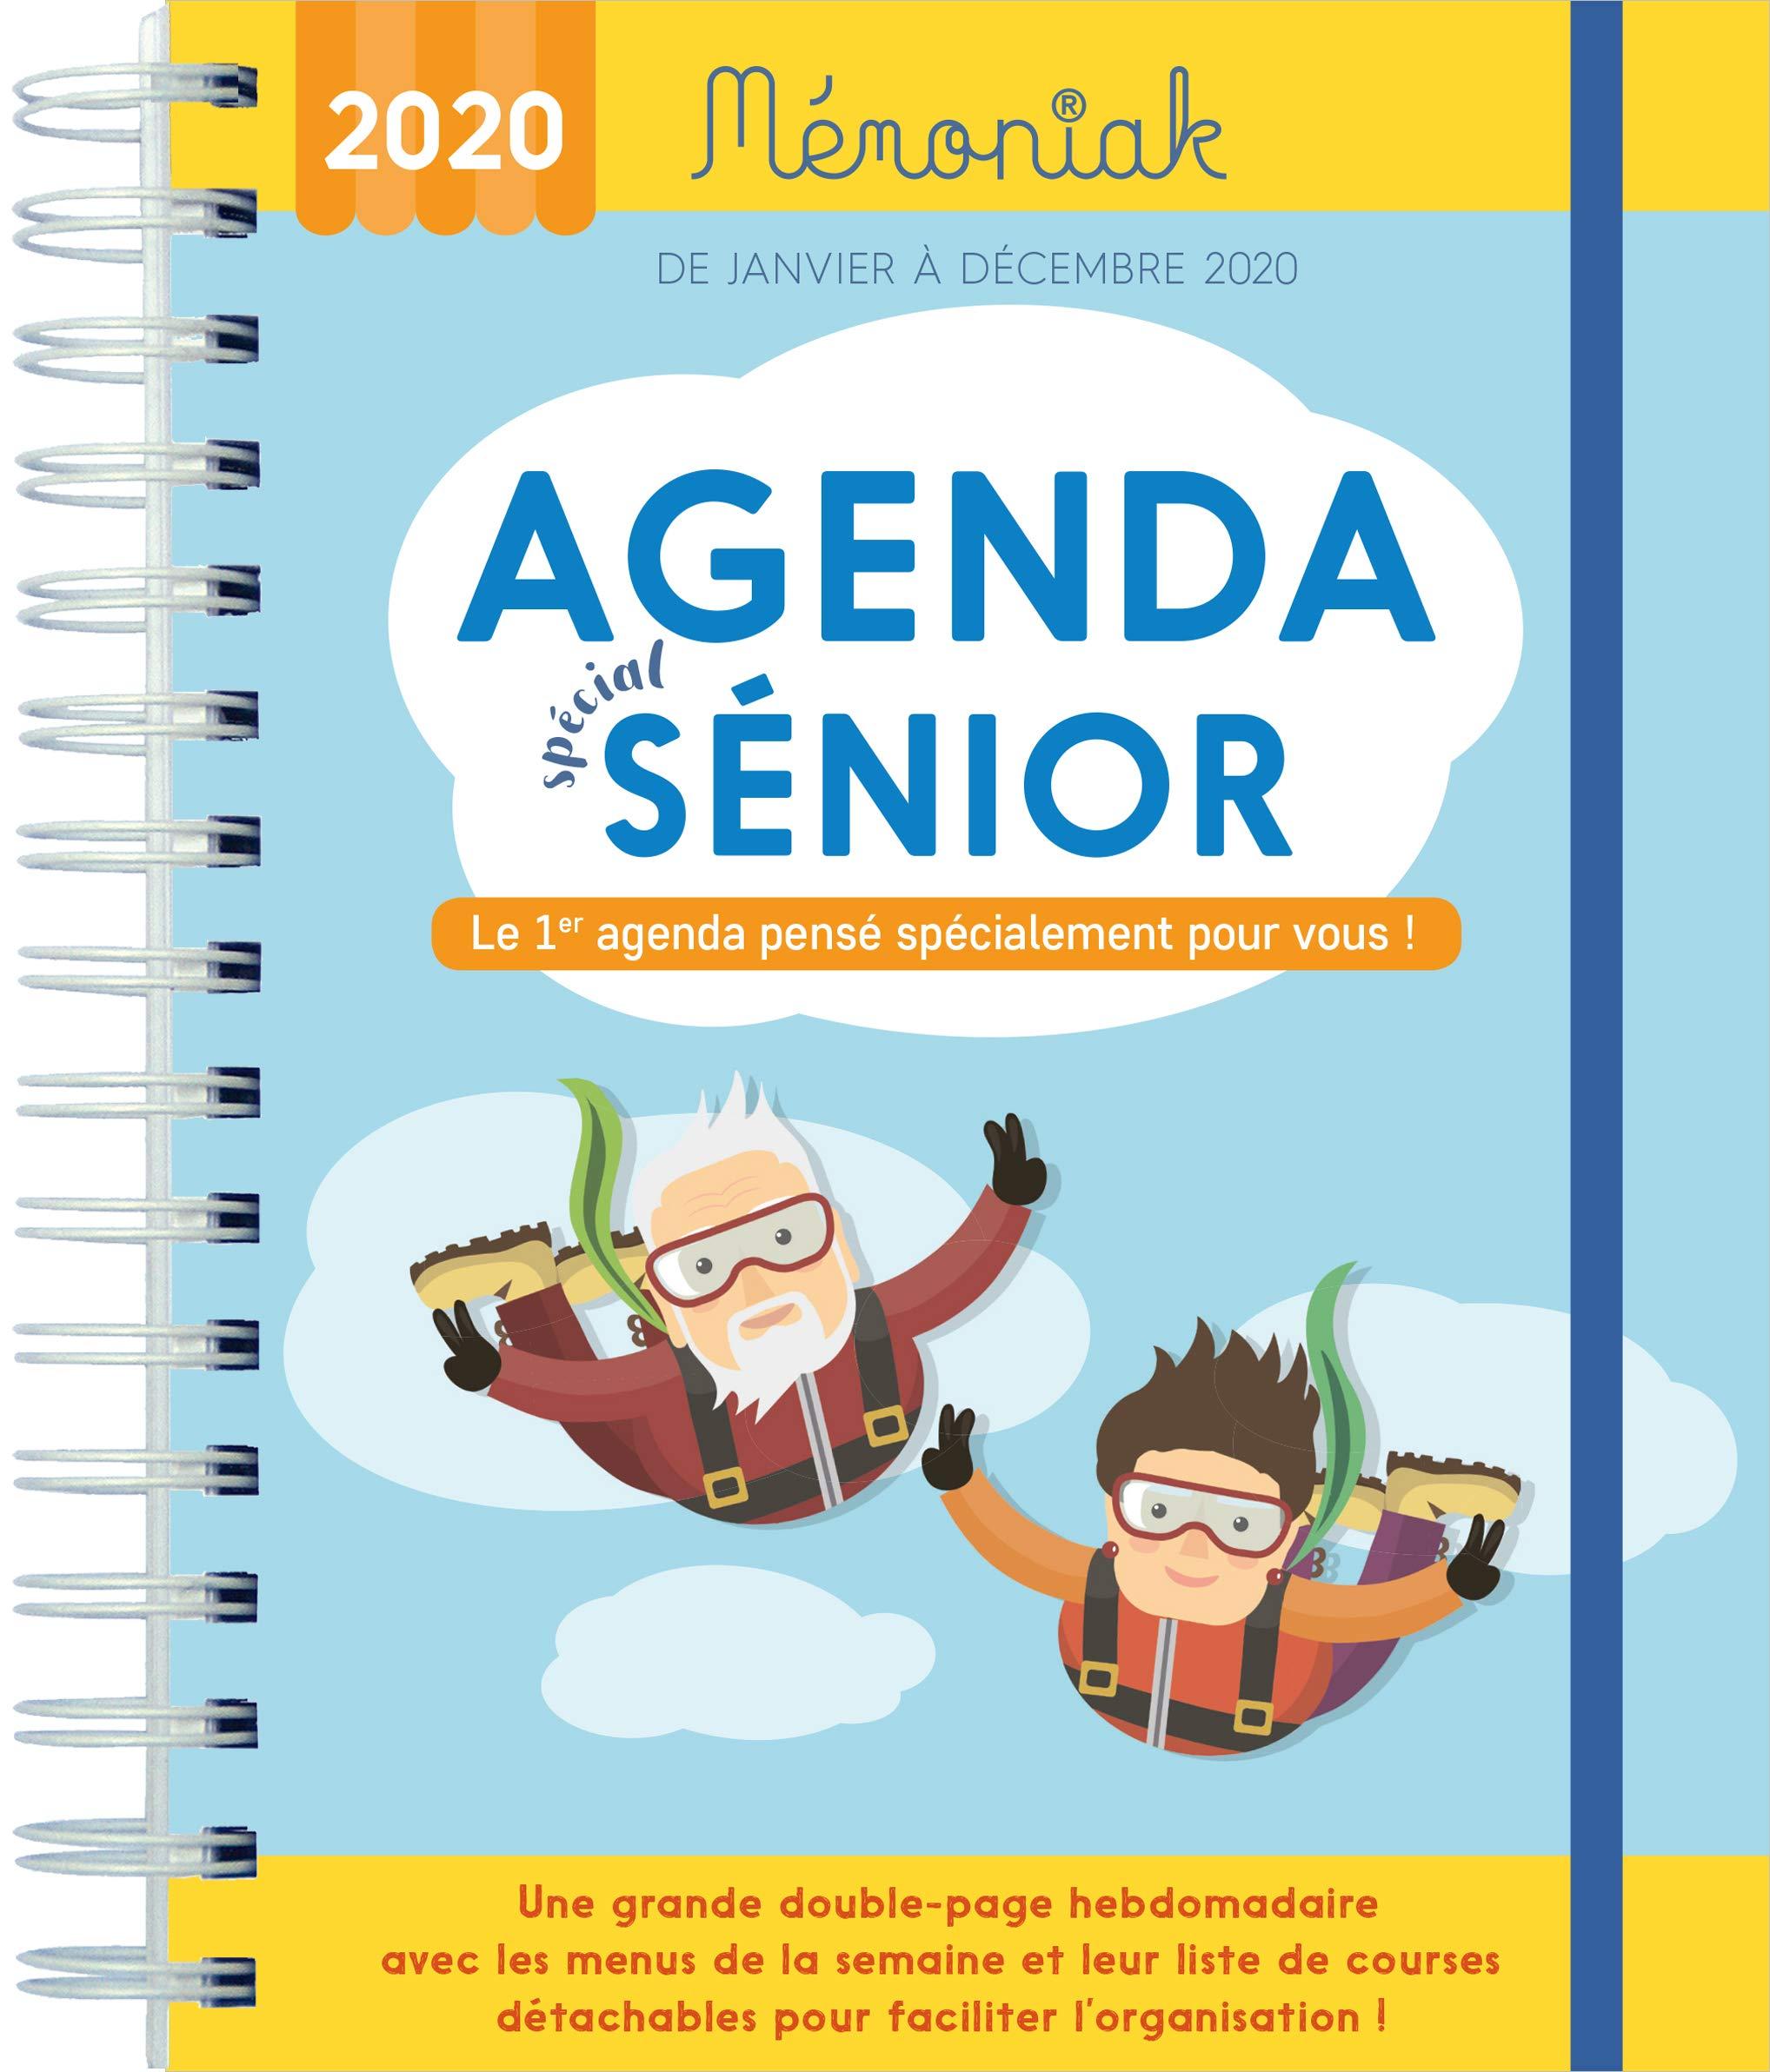 Agenda spécial senior : De janvier à décembre 2020 ...